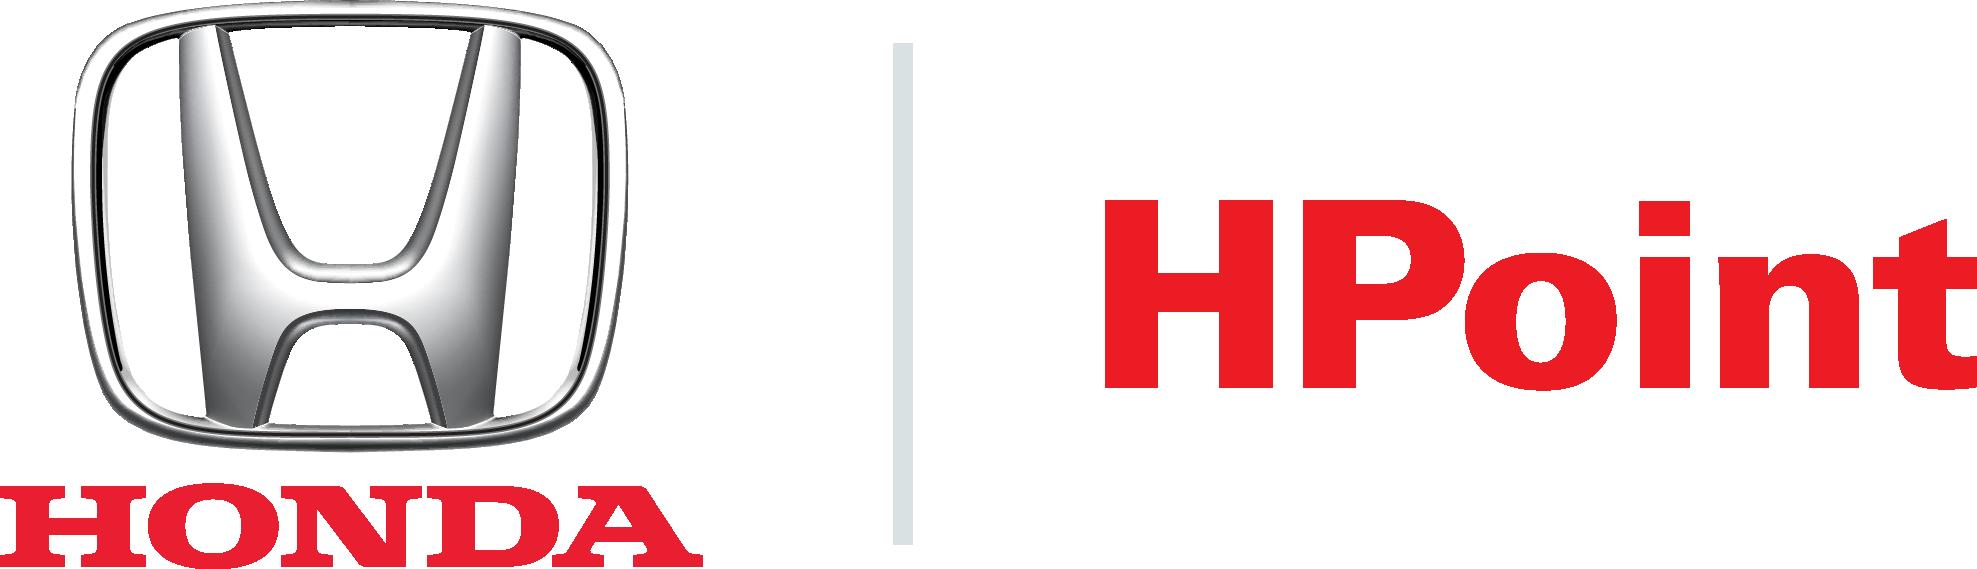 Honda HR-V - Concessionária Honda: Carros (Veículos) Zero Km (0km) e Seminovos (Usados) - HPoint